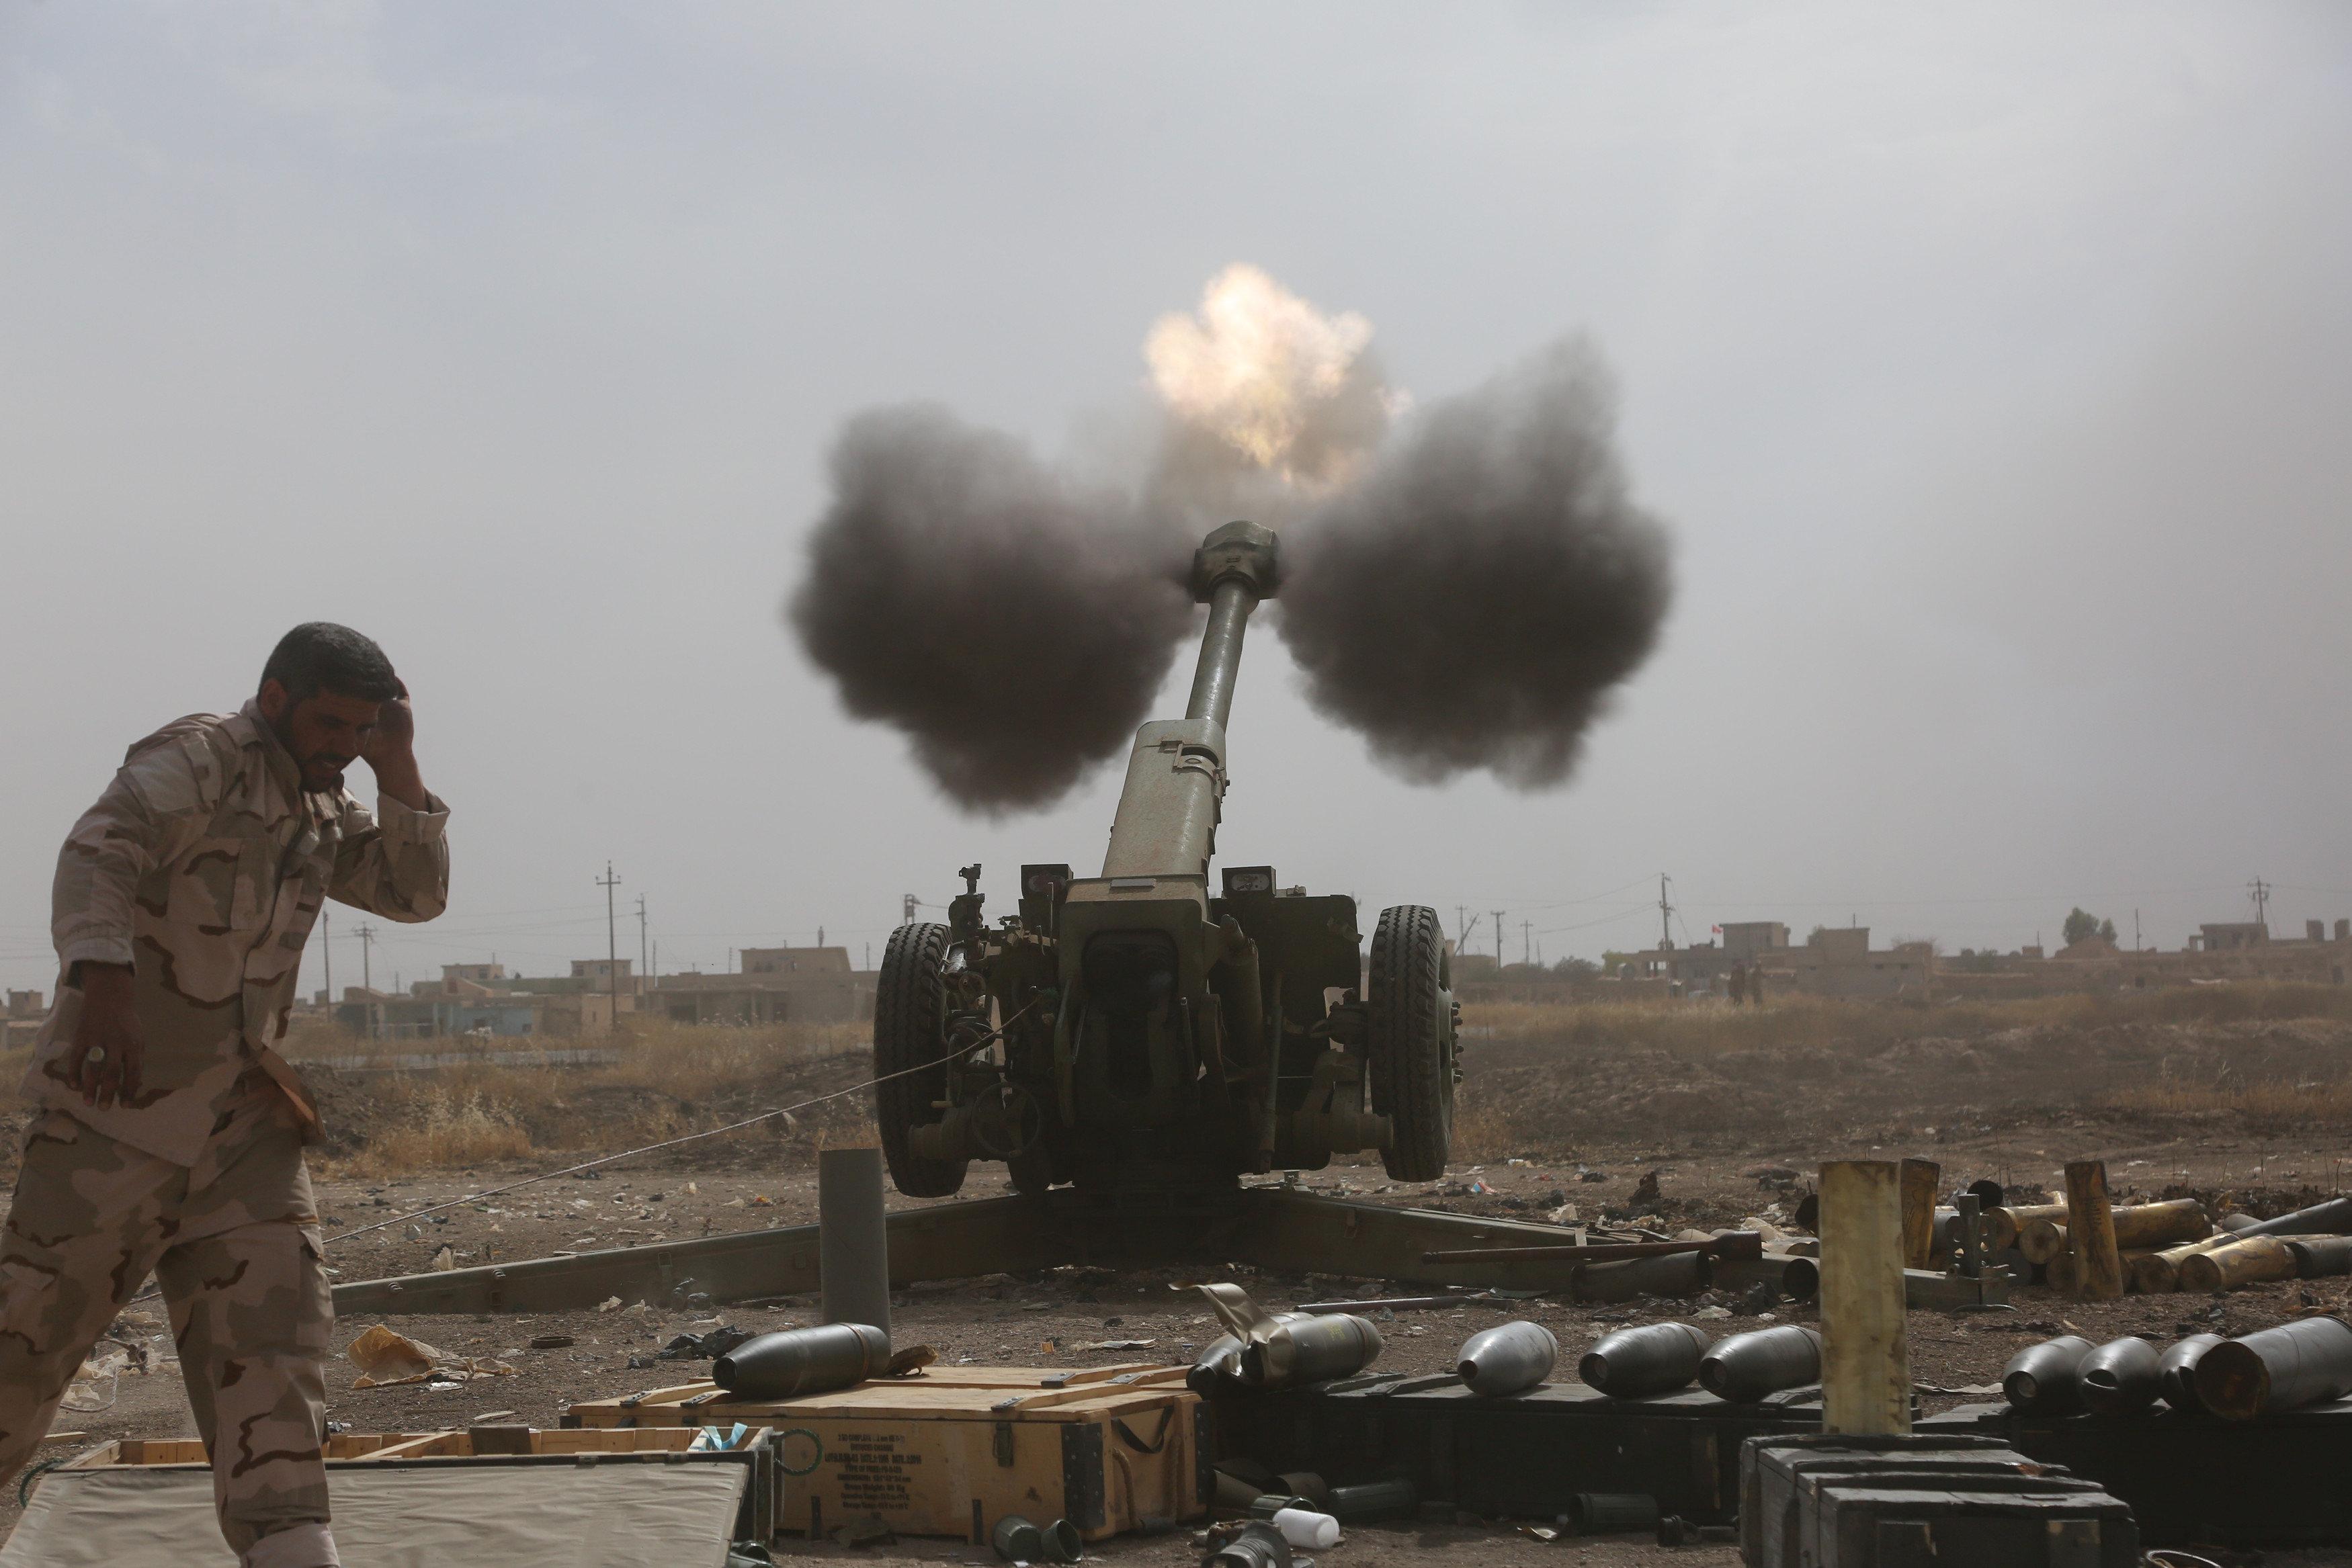 اخبار العراق العاجلة - مقتل مستشار سليماني غرب الموصل